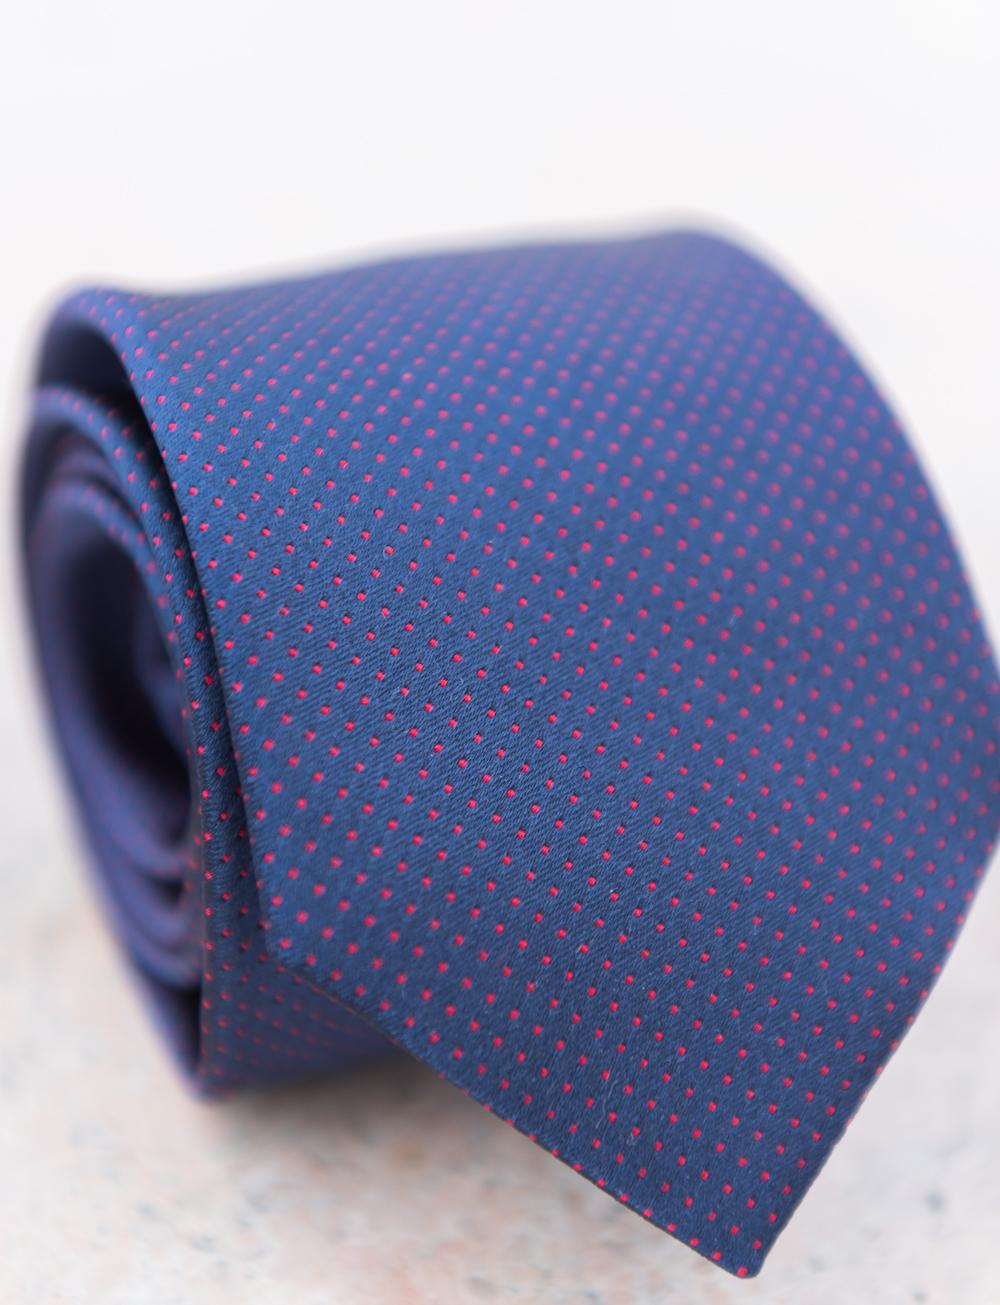 Cravate en soie à pois – bleu marine rouge. SOLDES. SOLDES. SOLDES.  CRAVATES CADOT AH17 37 a55cd52789f